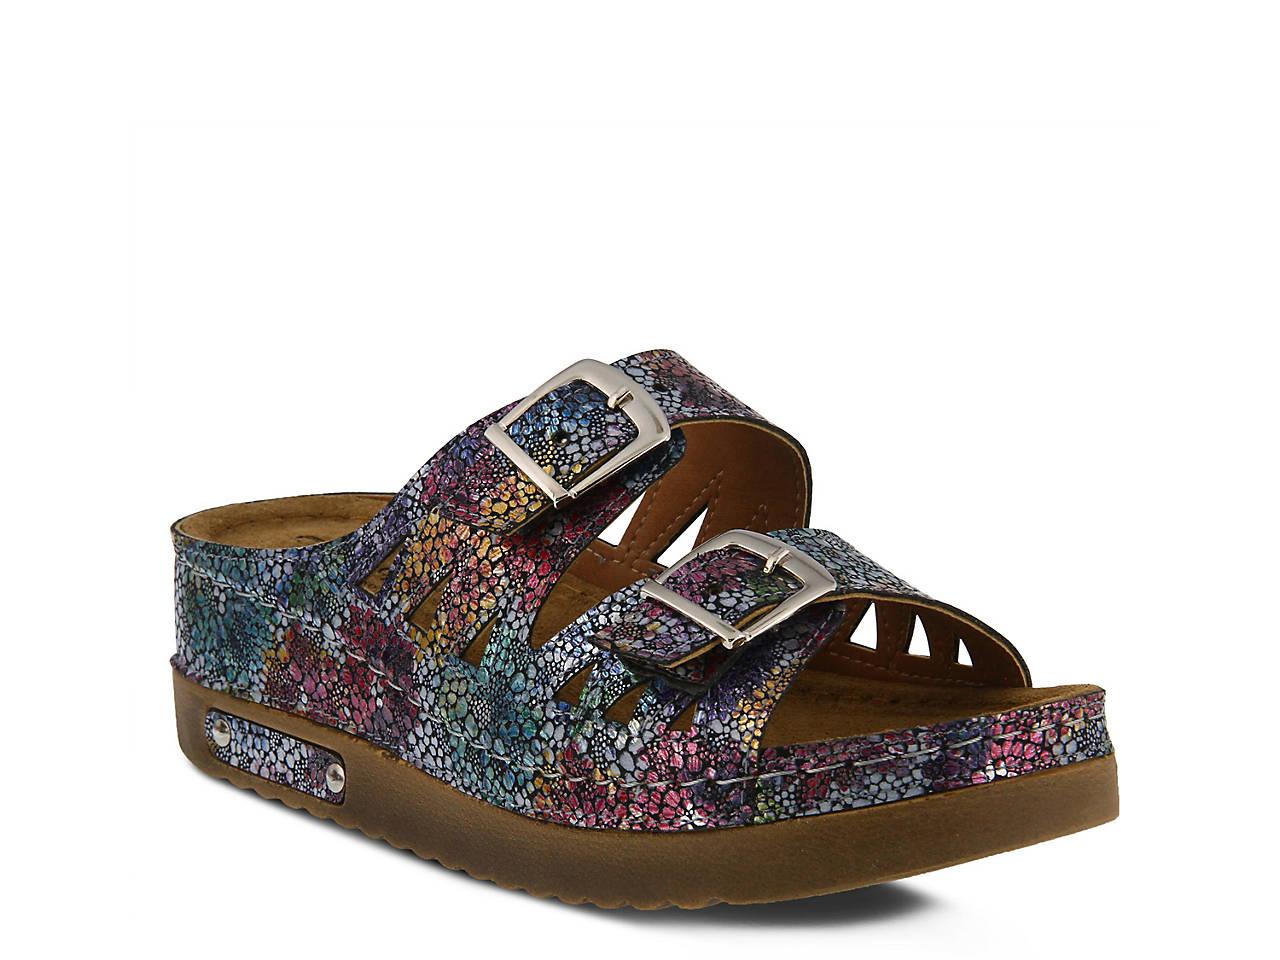 09341d79194d Flexus by Spring Step Delsie Wedge Sandal Women s Shoes